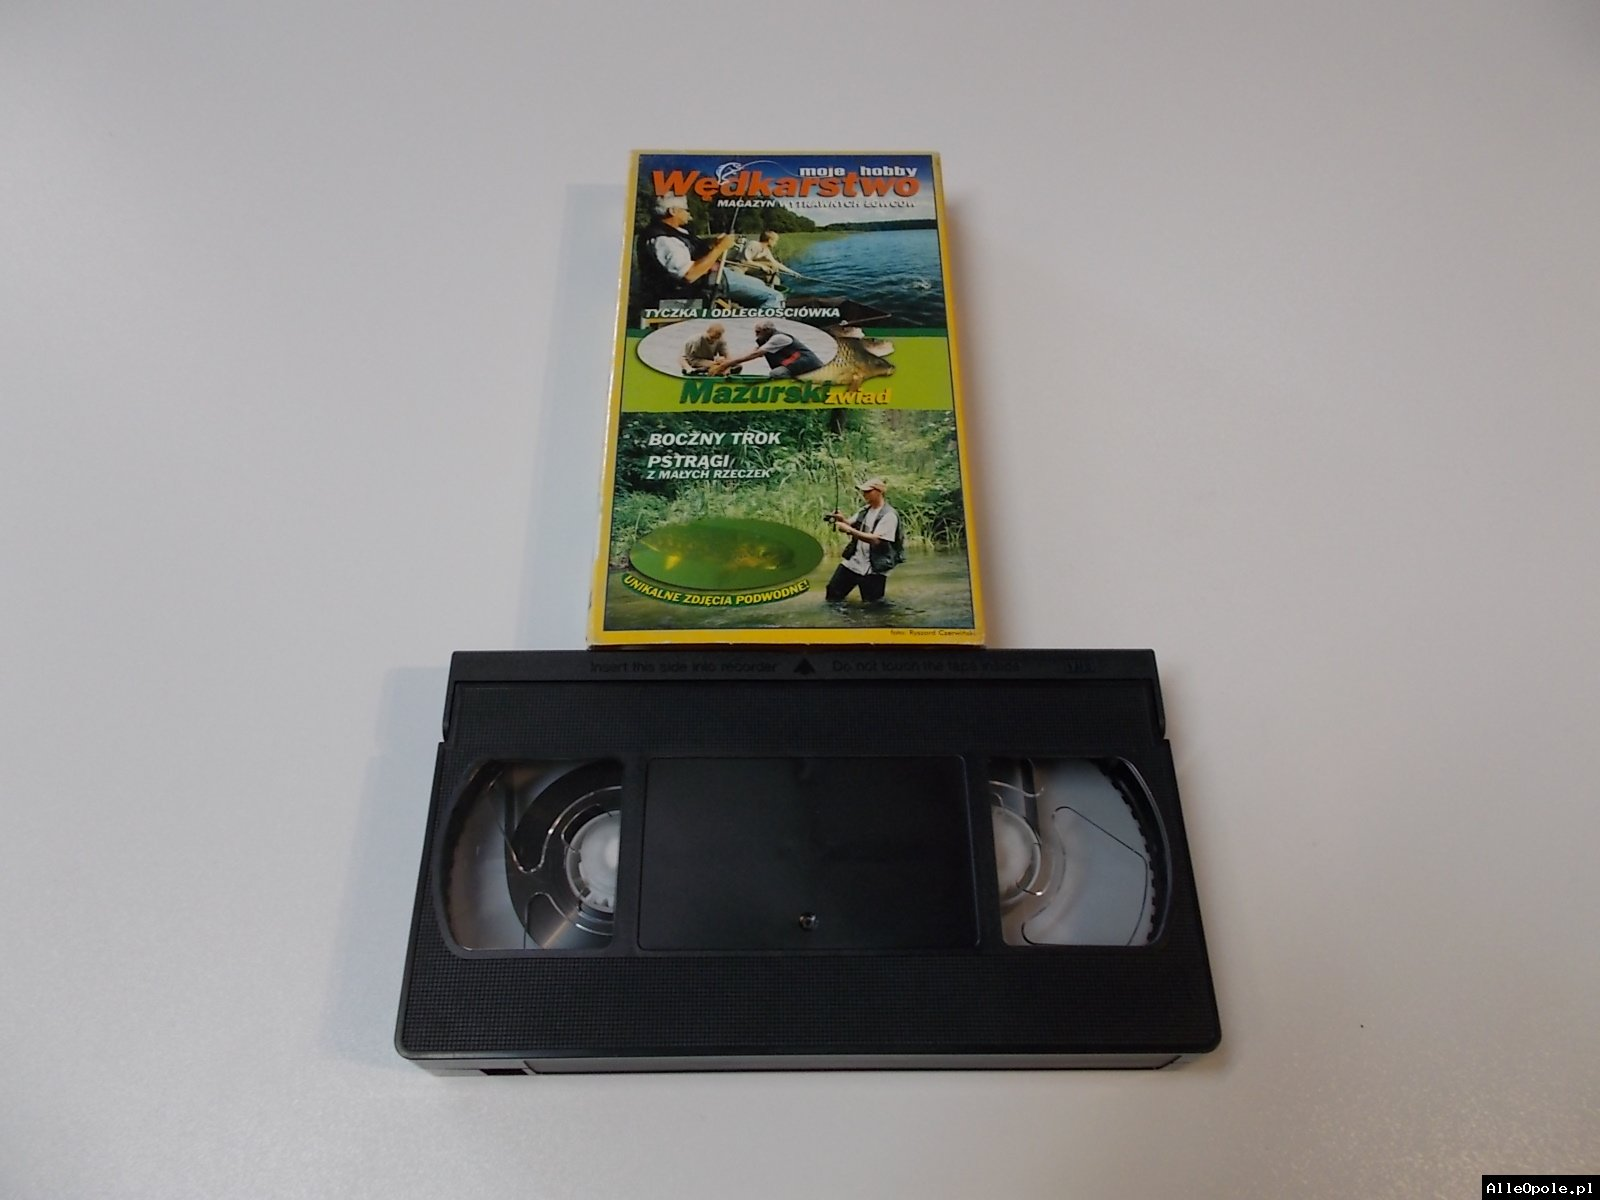 WĘDKARSTWO MAZURSKI ZWIAD - VHS Kaseta Video - Opole 1694